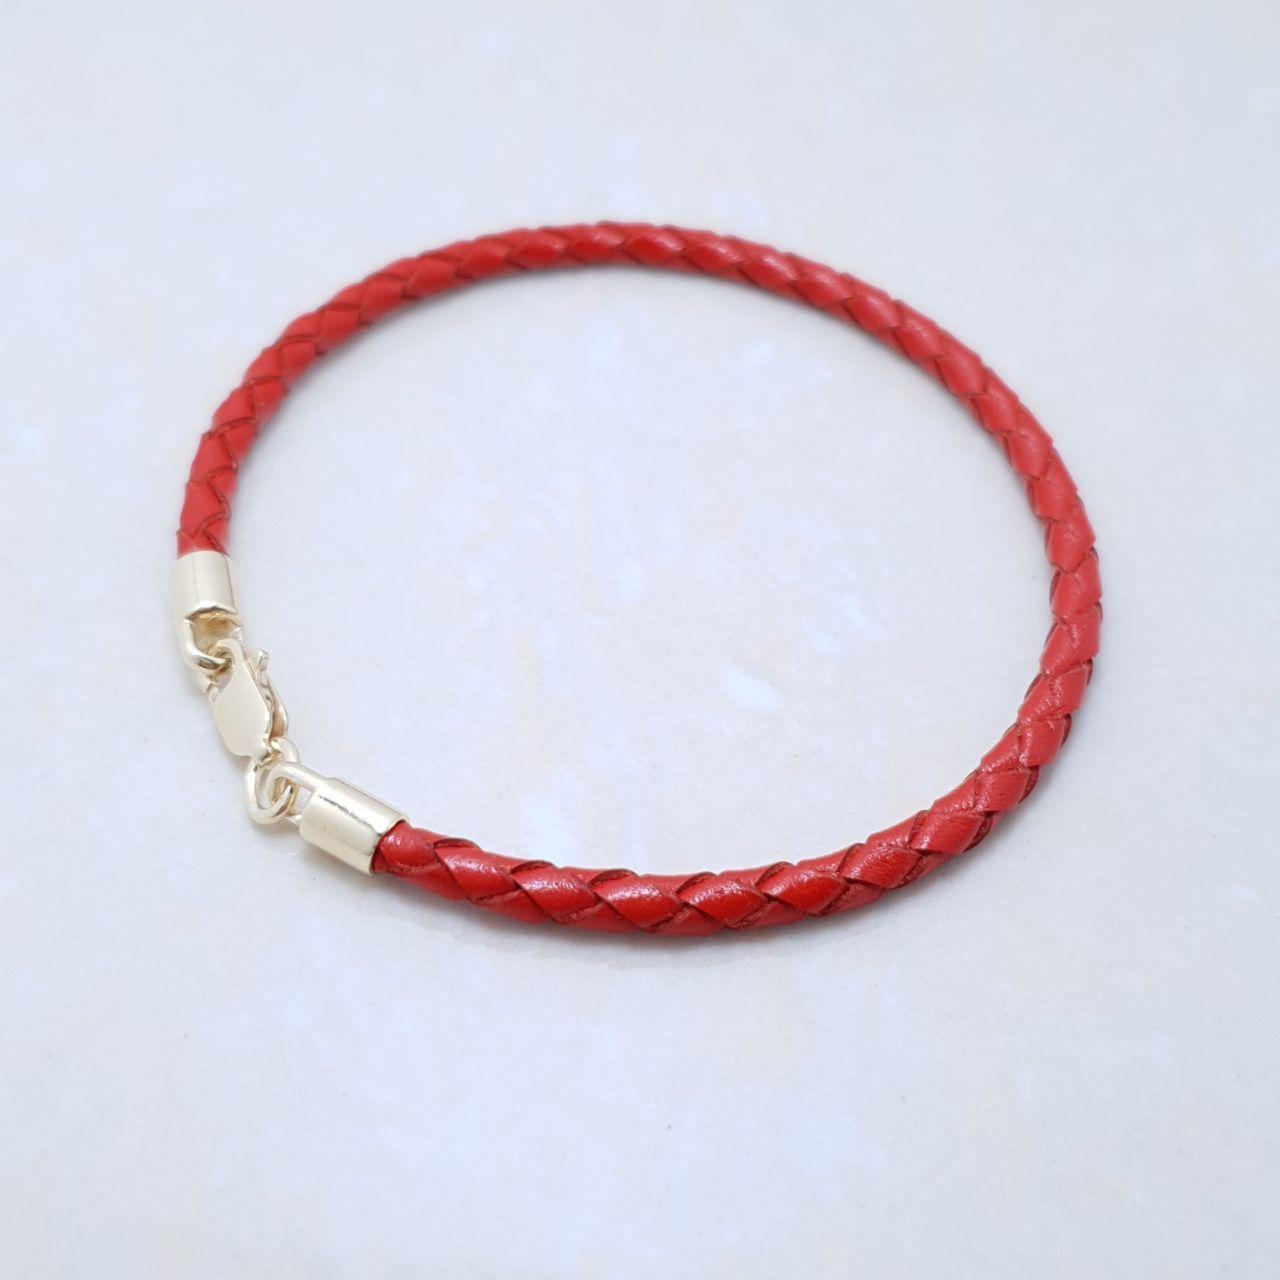 """Браслет-оберег """"Красная нить"""" ,серебро 925, лимонное золото натуральный кожаный плетеный шнур - качество ТОП!"""